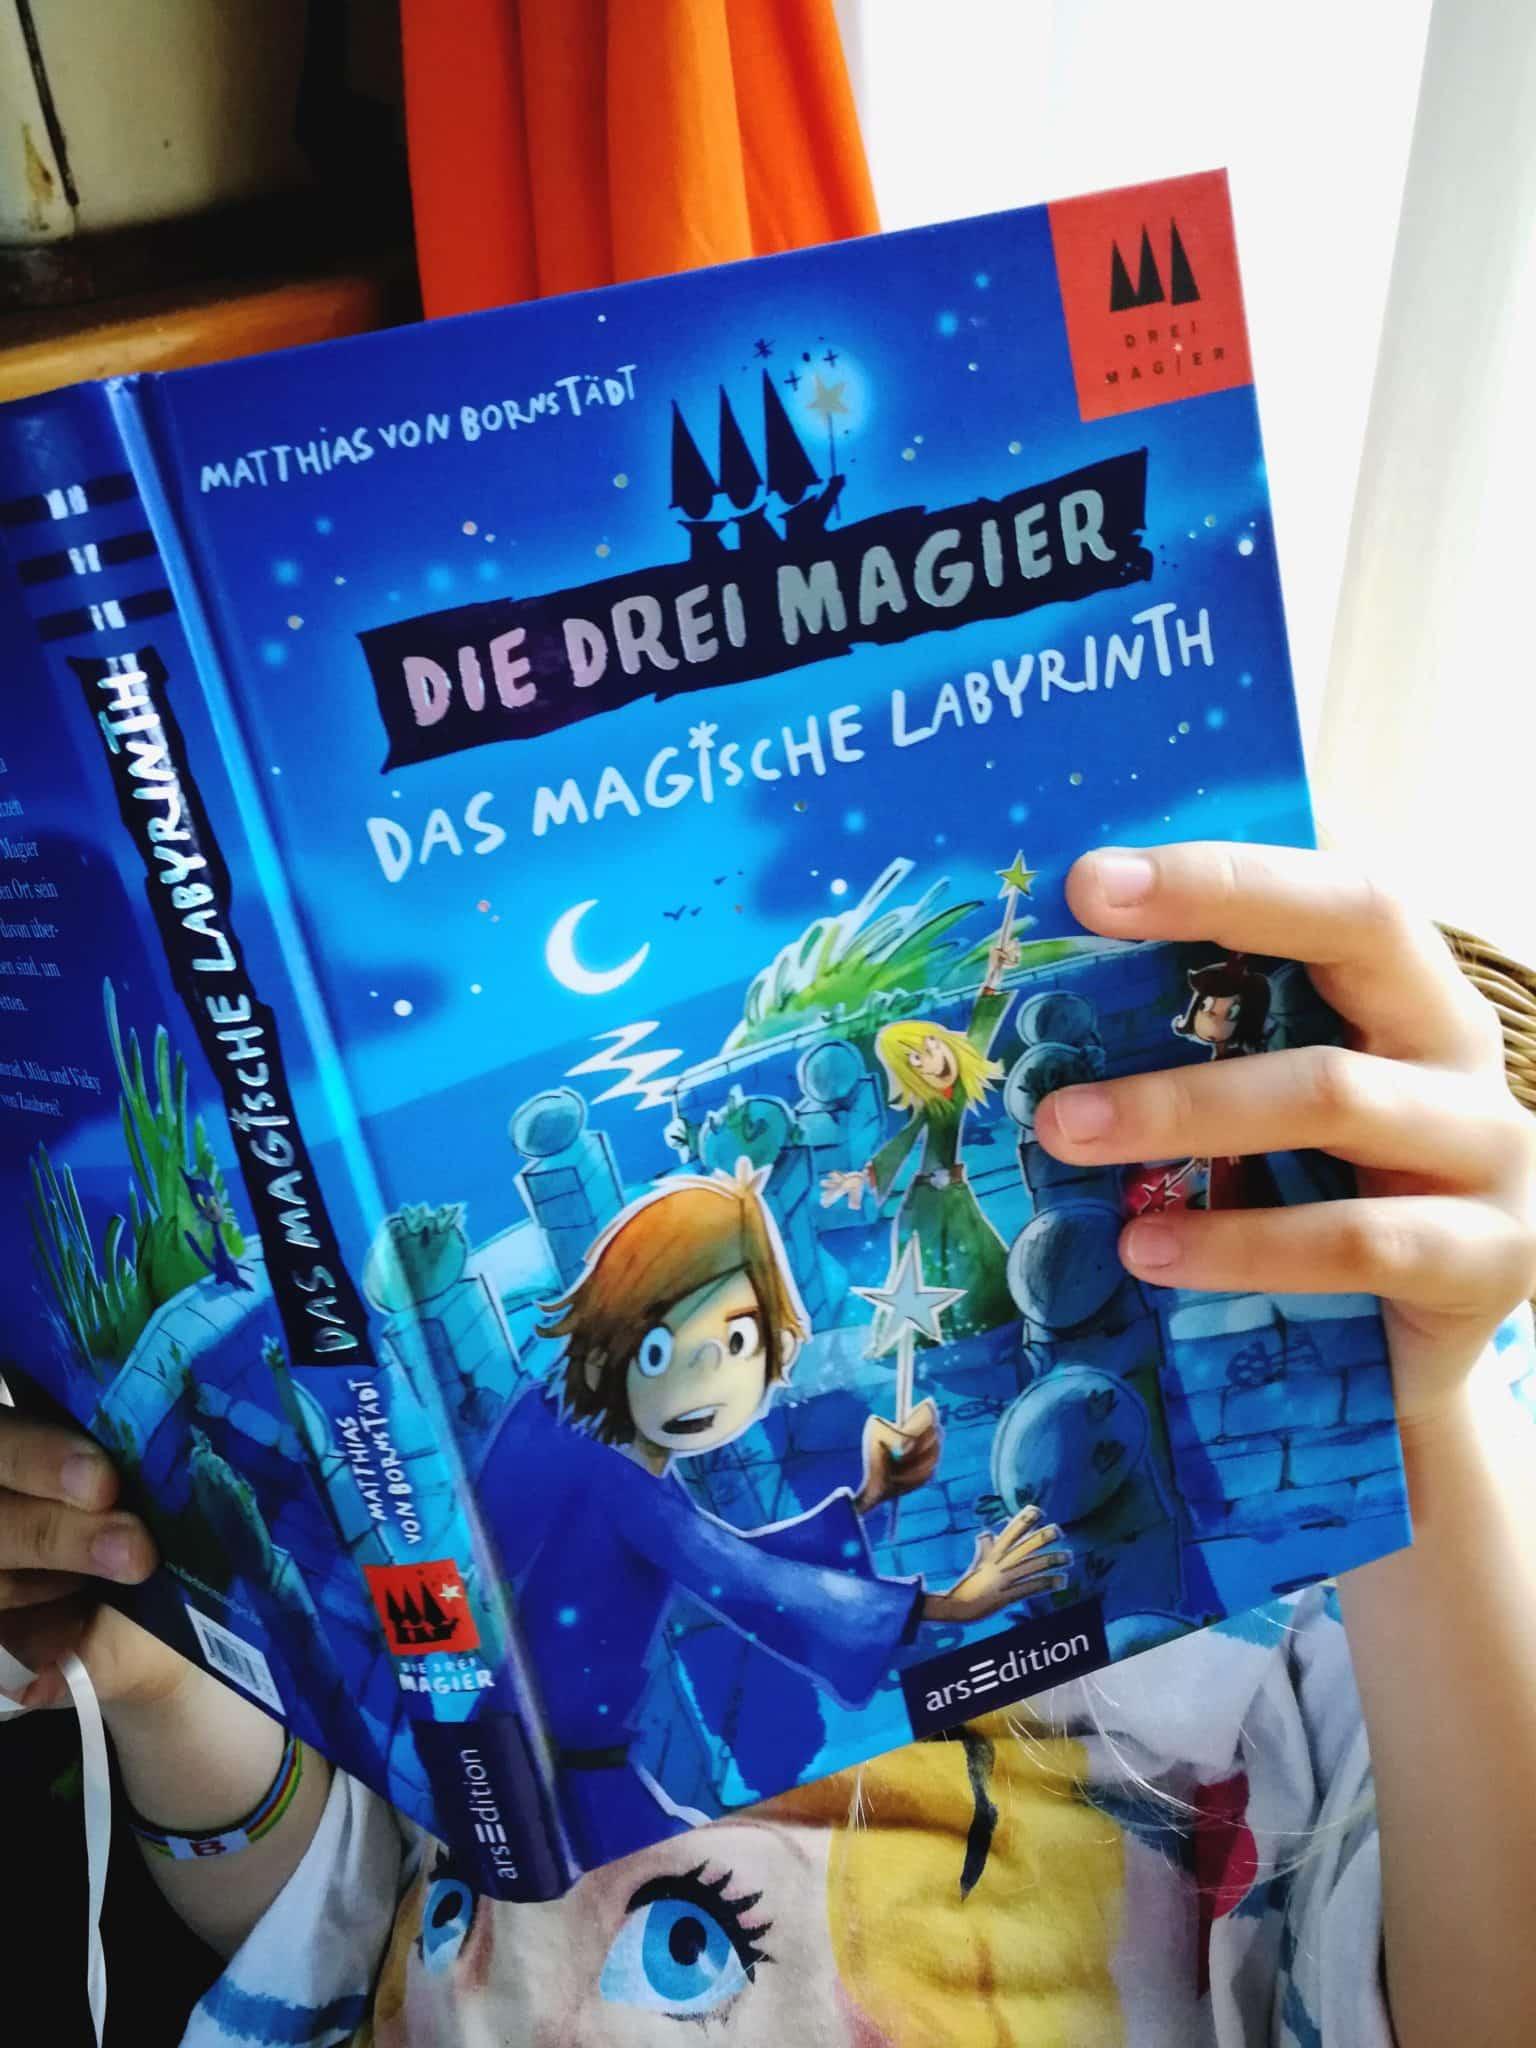 Die drei Magier Ars Edition